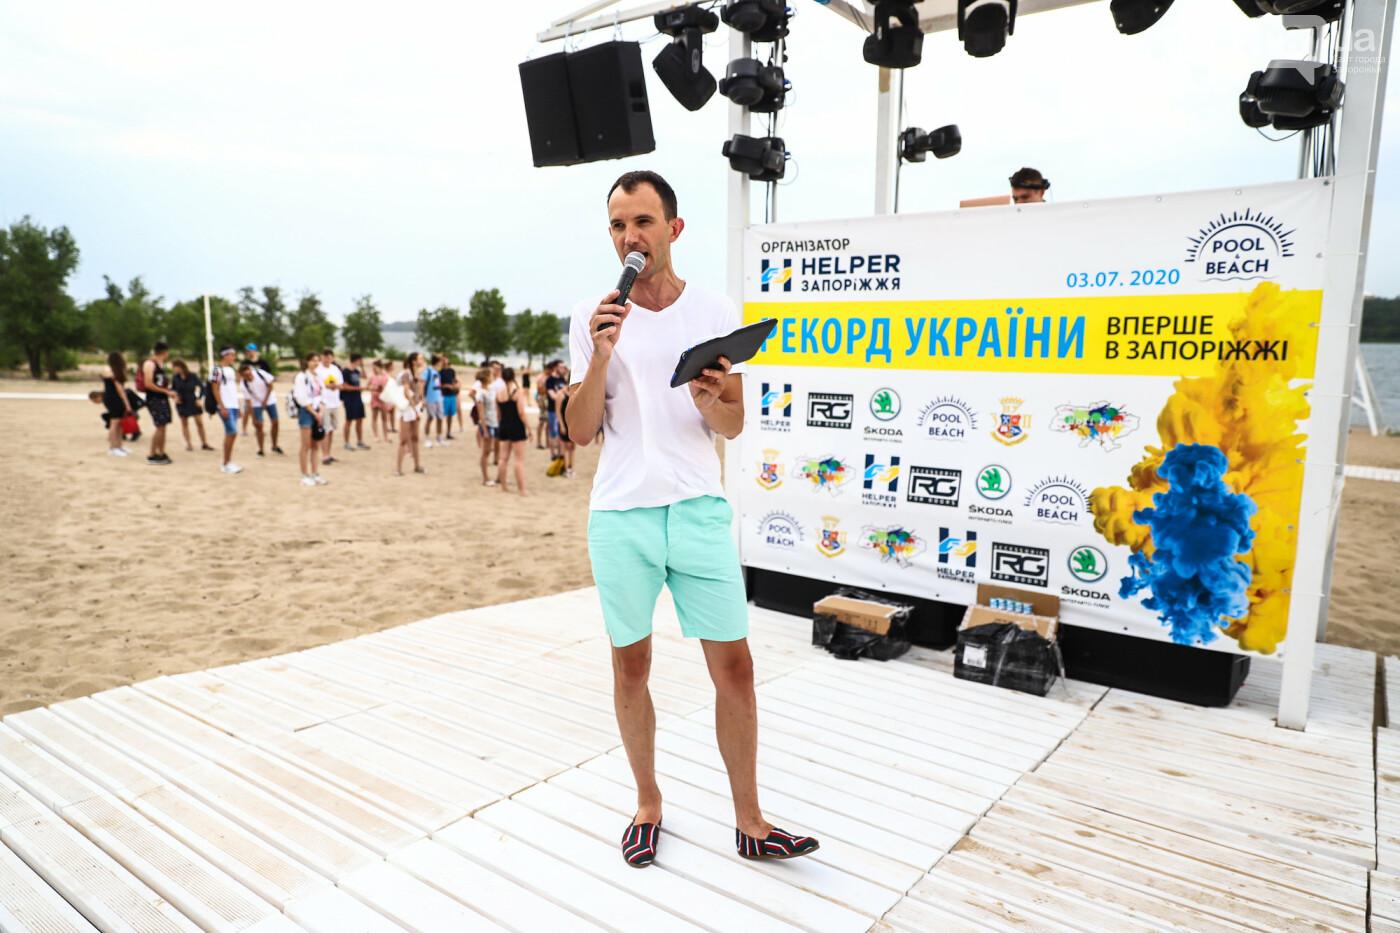 На пляже в Запорожье зажгли желто-синие дымовые шашки и установили рекорд Украины, - ФОТОРЕПОРТАЖ, фото-3